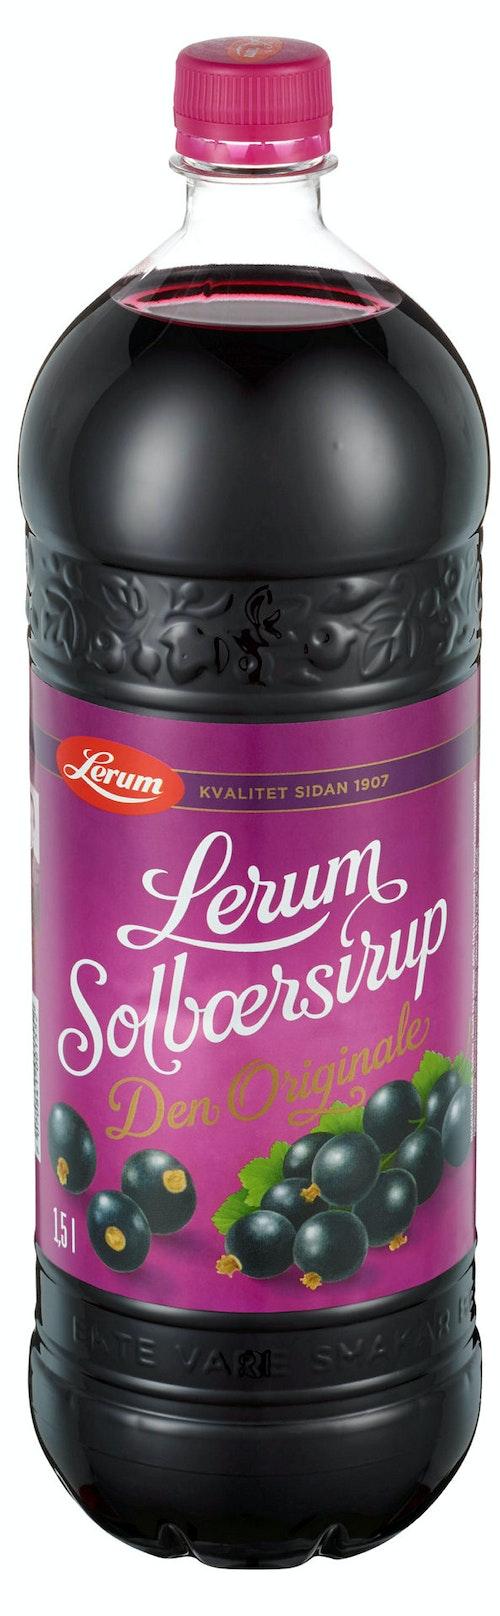 Lerum Lerum Solbærsirup 1,5 l